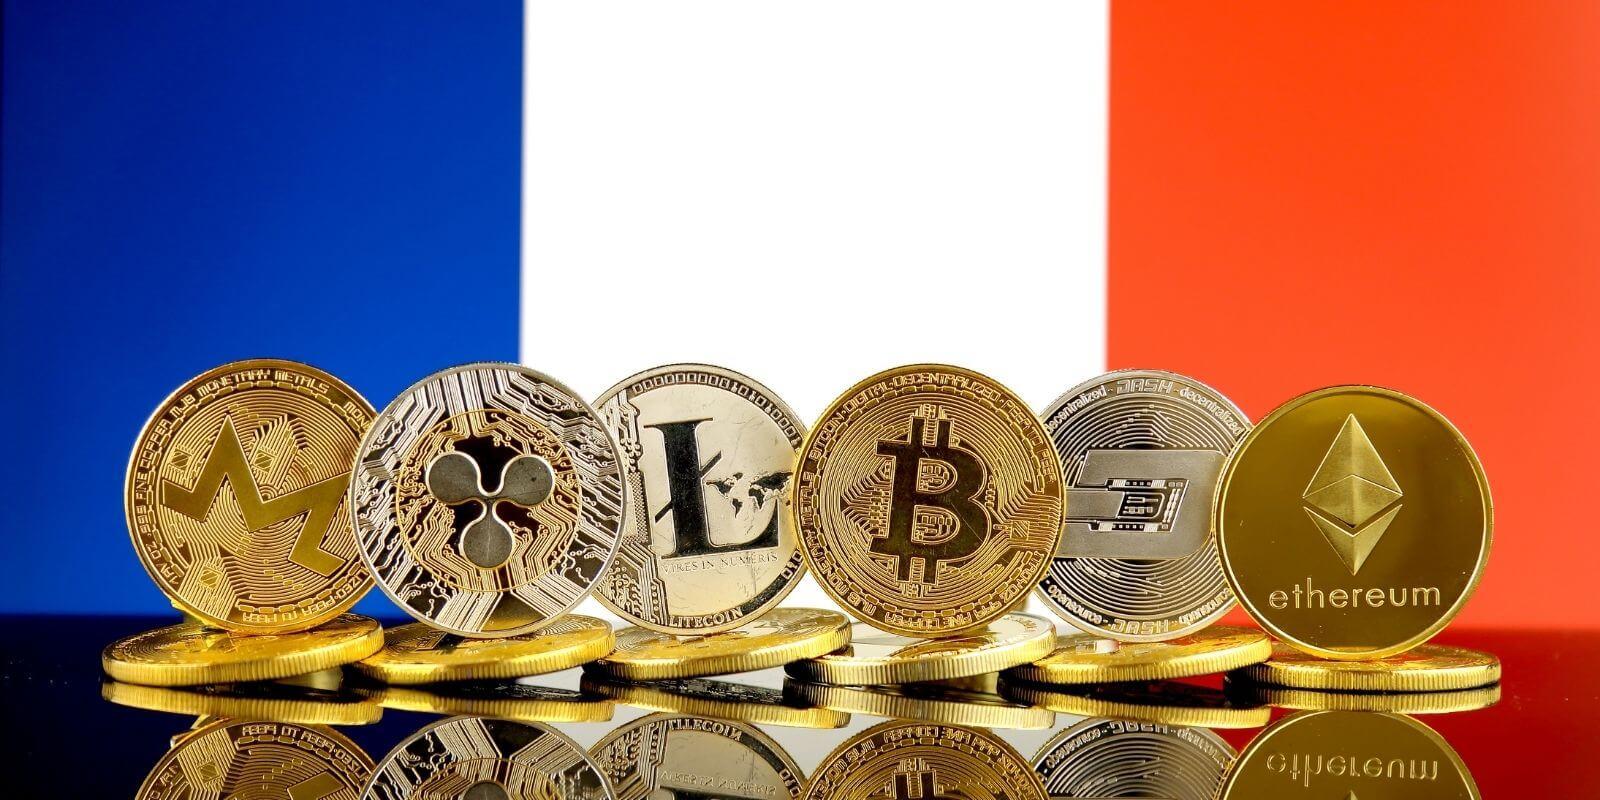 La maîtrise technique des cryptomonnaies est-elle un enjeu de souveraineté pour la France ?